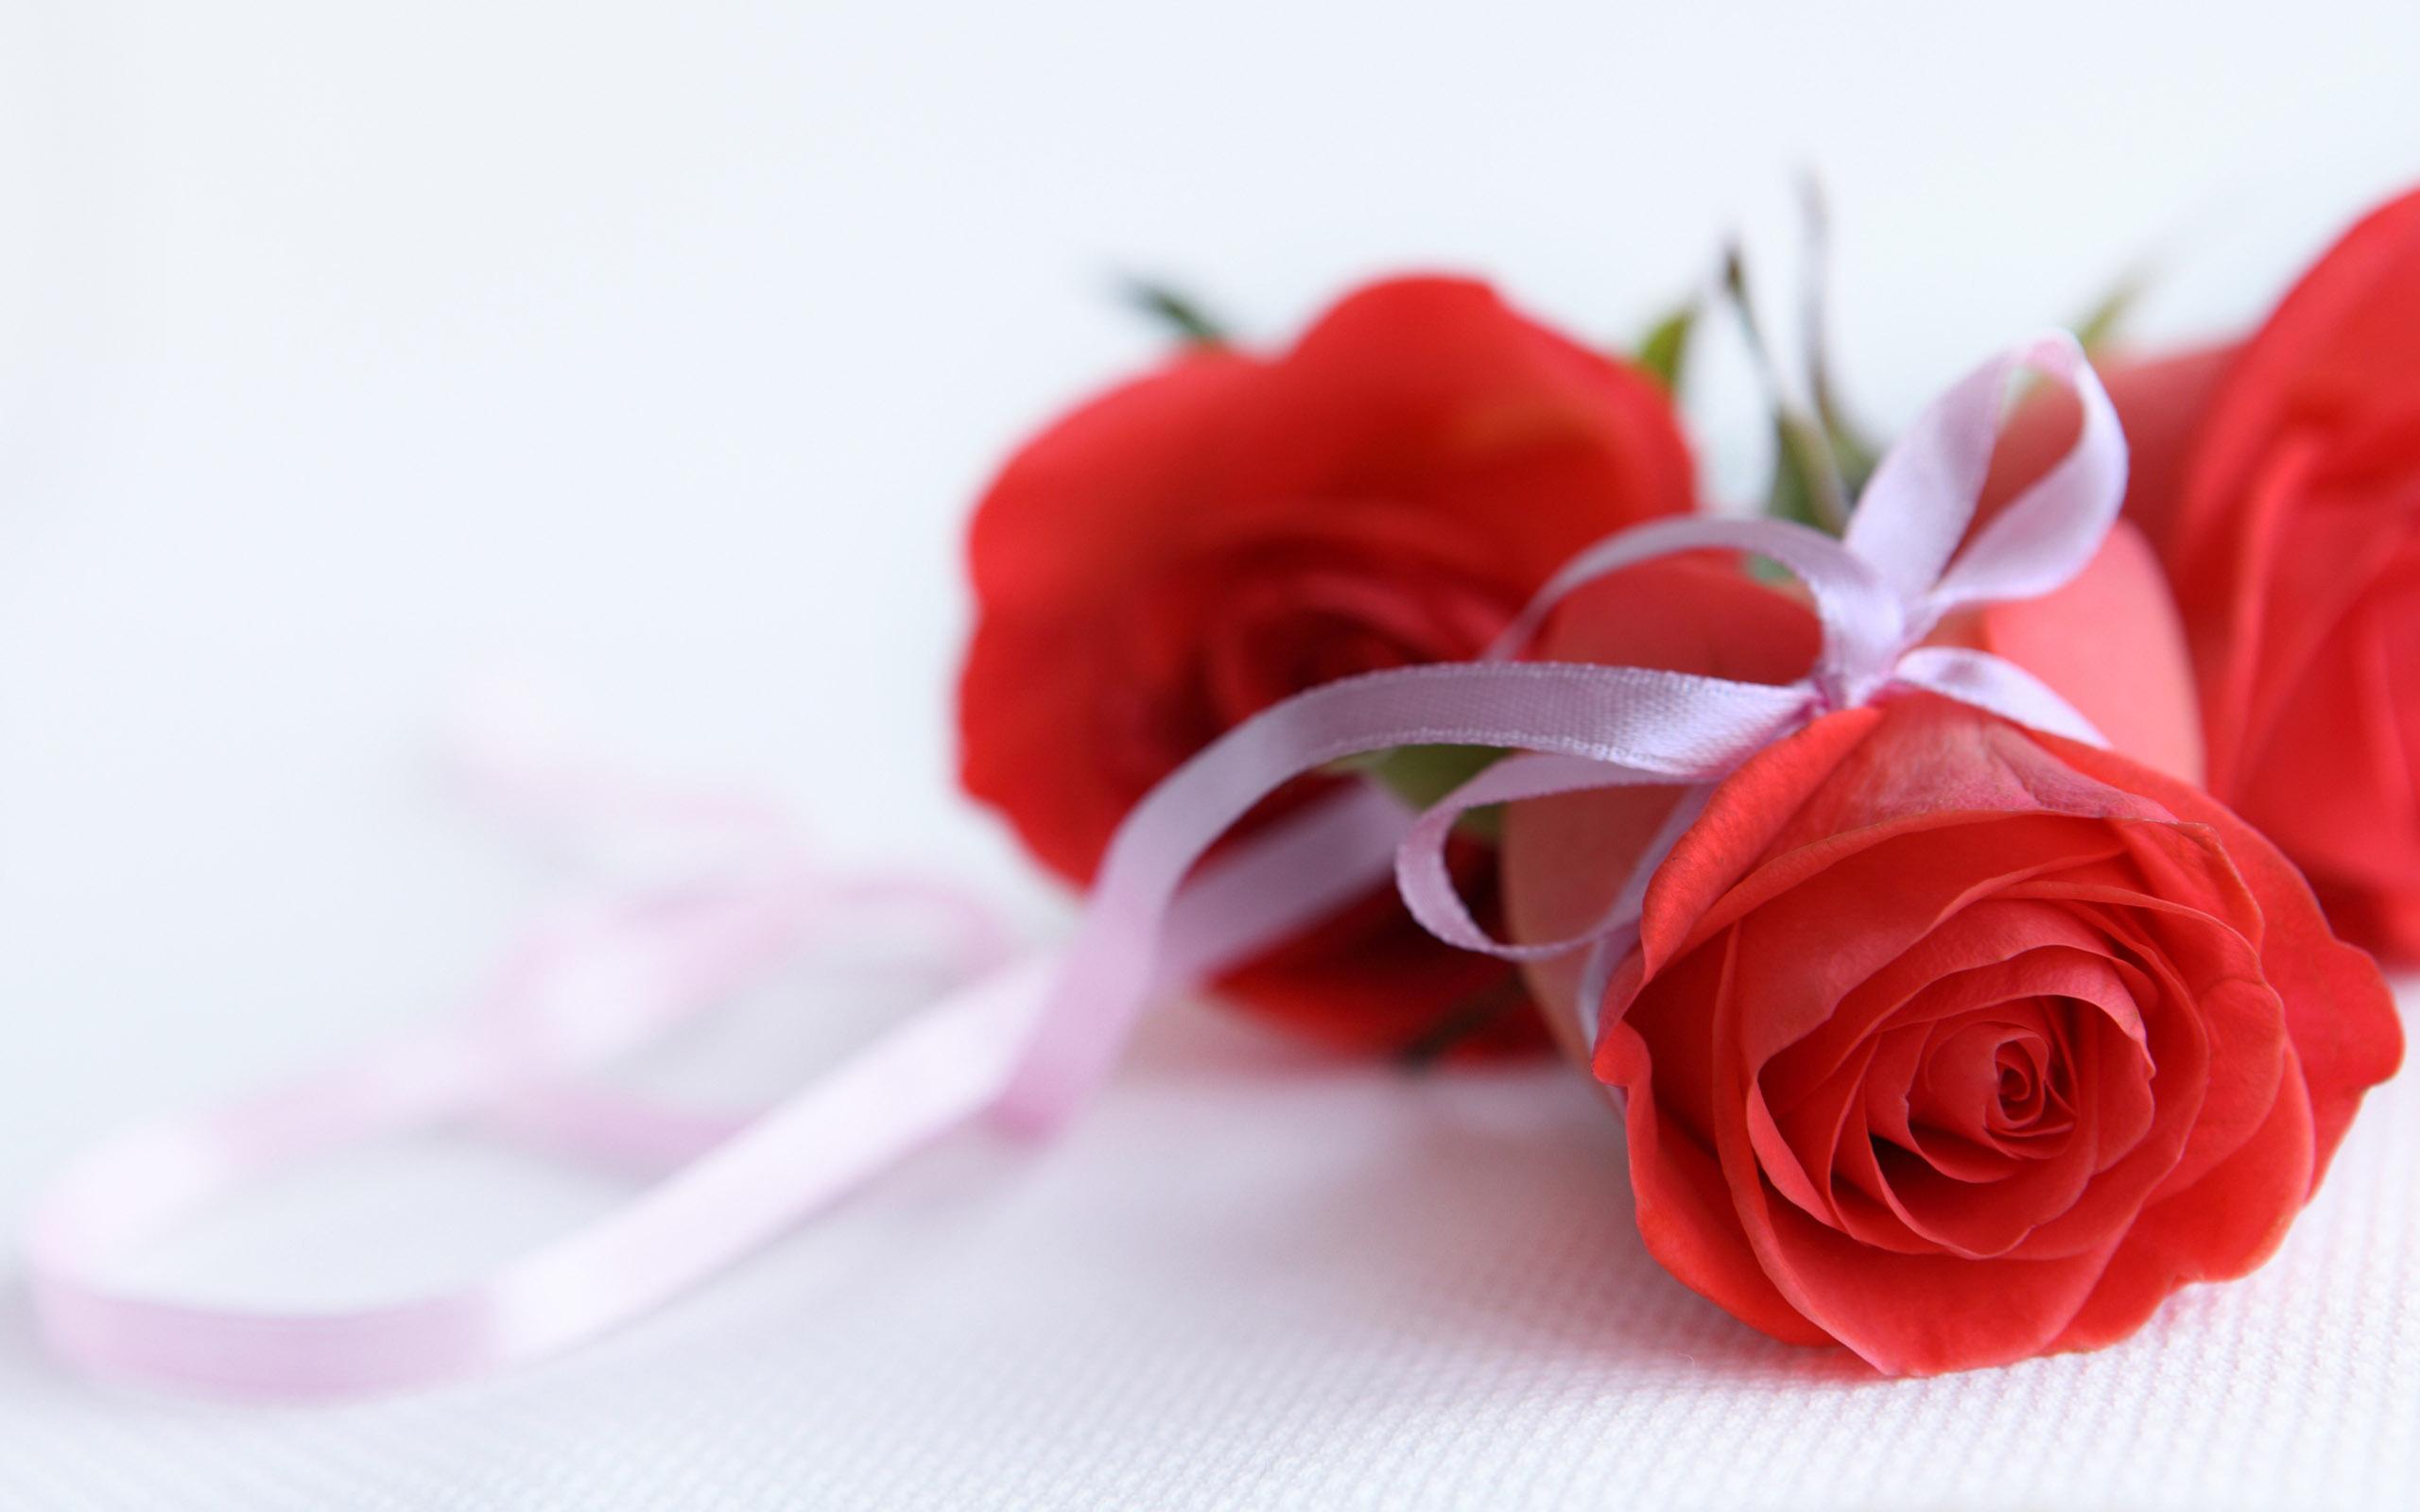 cute rose wallpapers